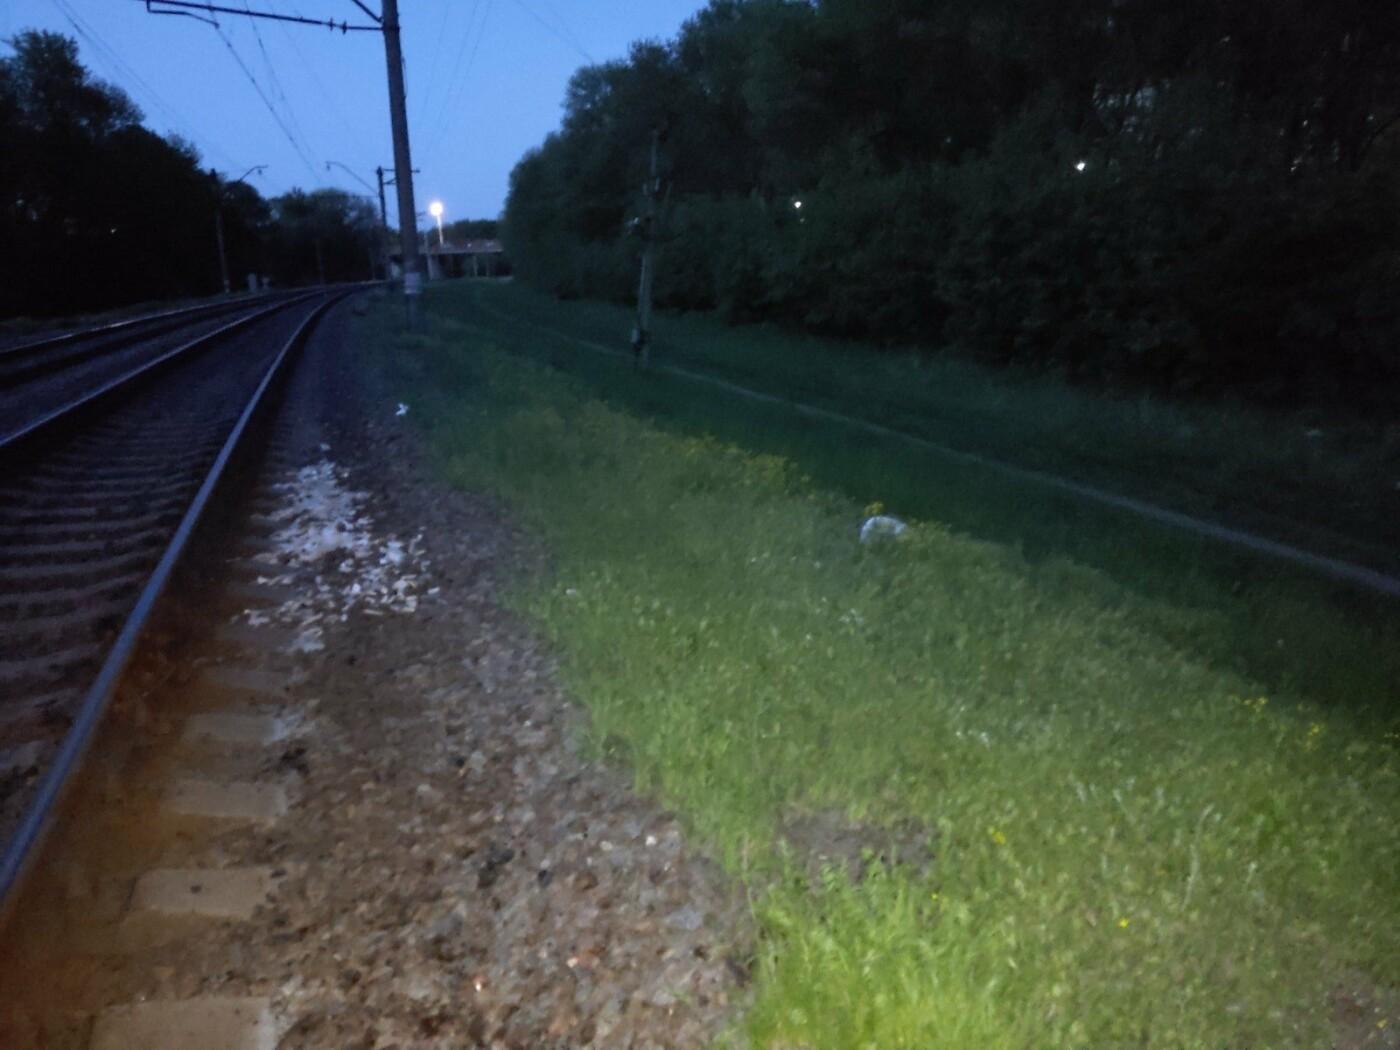 Біля станції Лозова жінка загинула під колесами потягу, фото-1